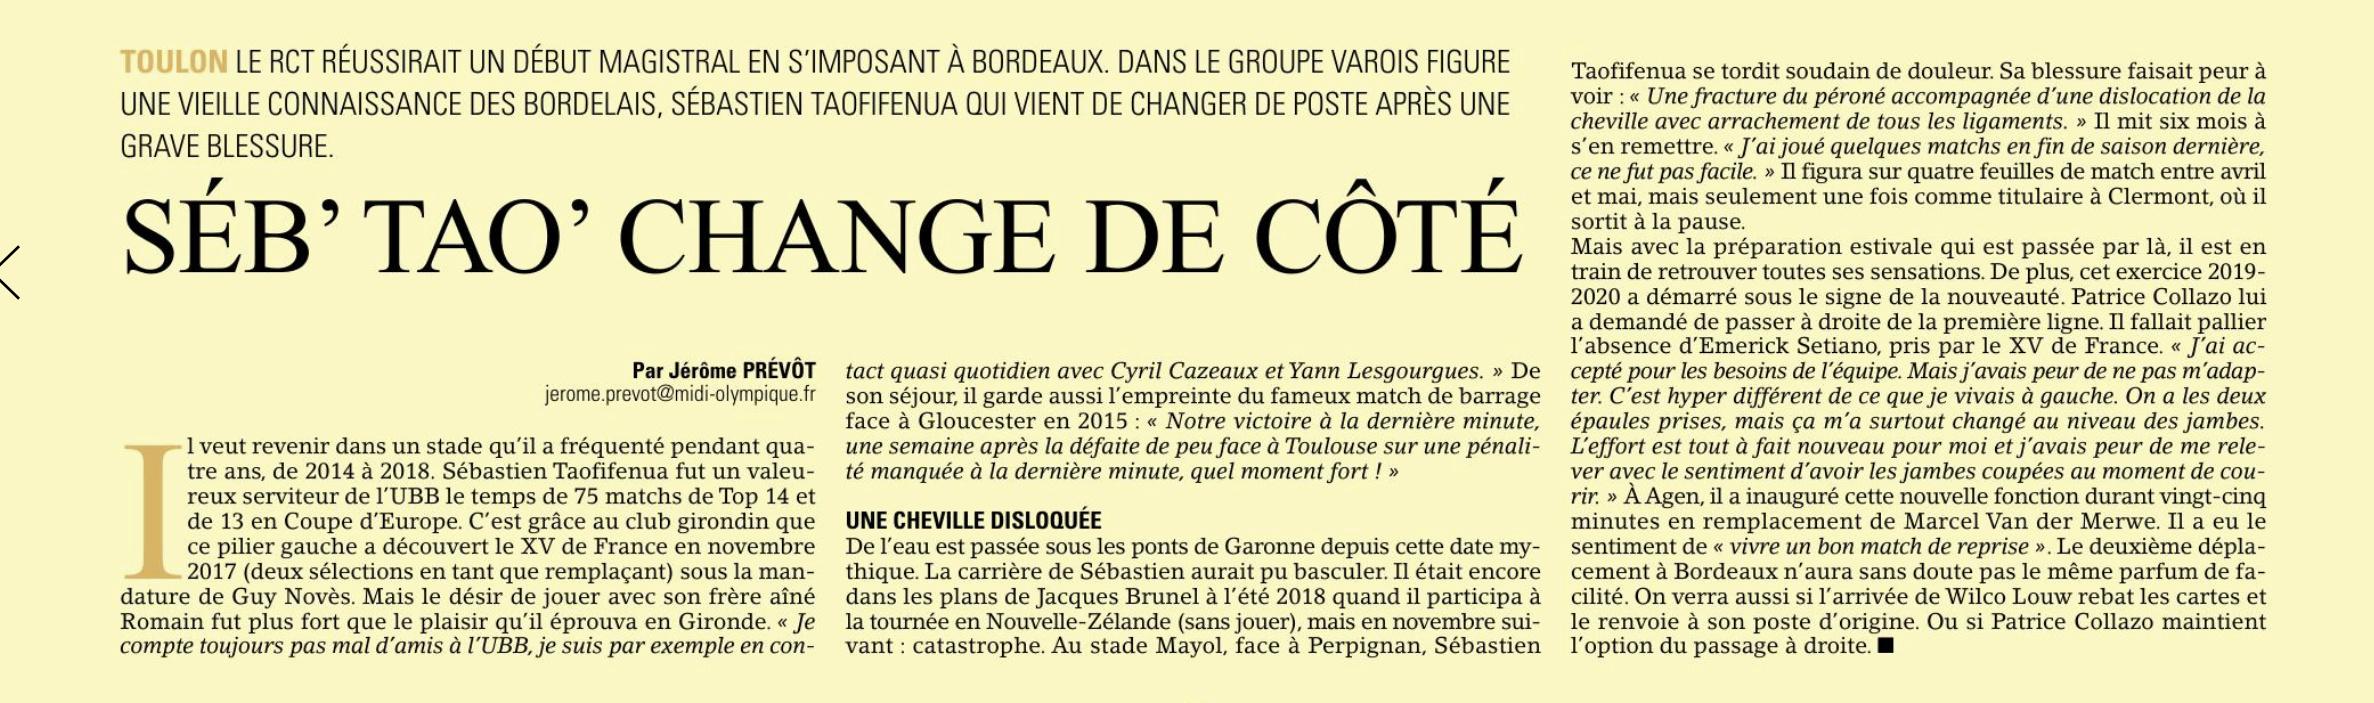 Top14 - 2ème journée : UBB / Toulon - Page 6 Captu122